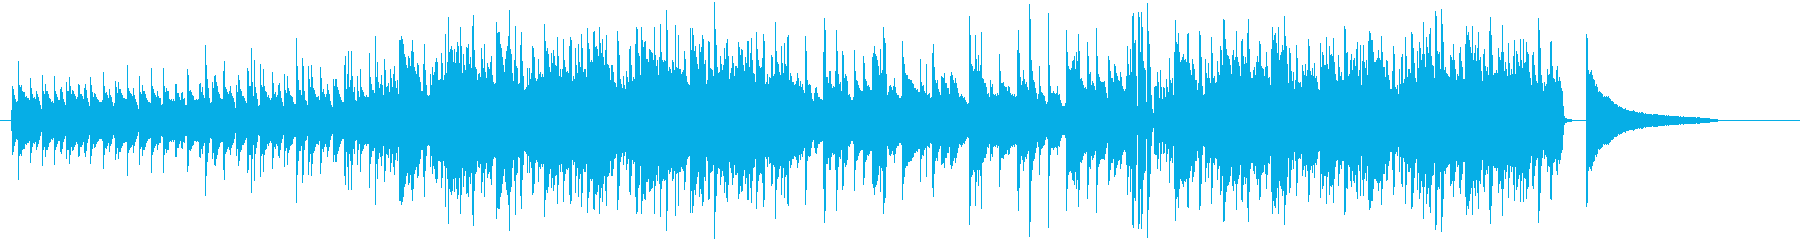 ゆったりしたアコギの日常系BGMの再生済みの波形